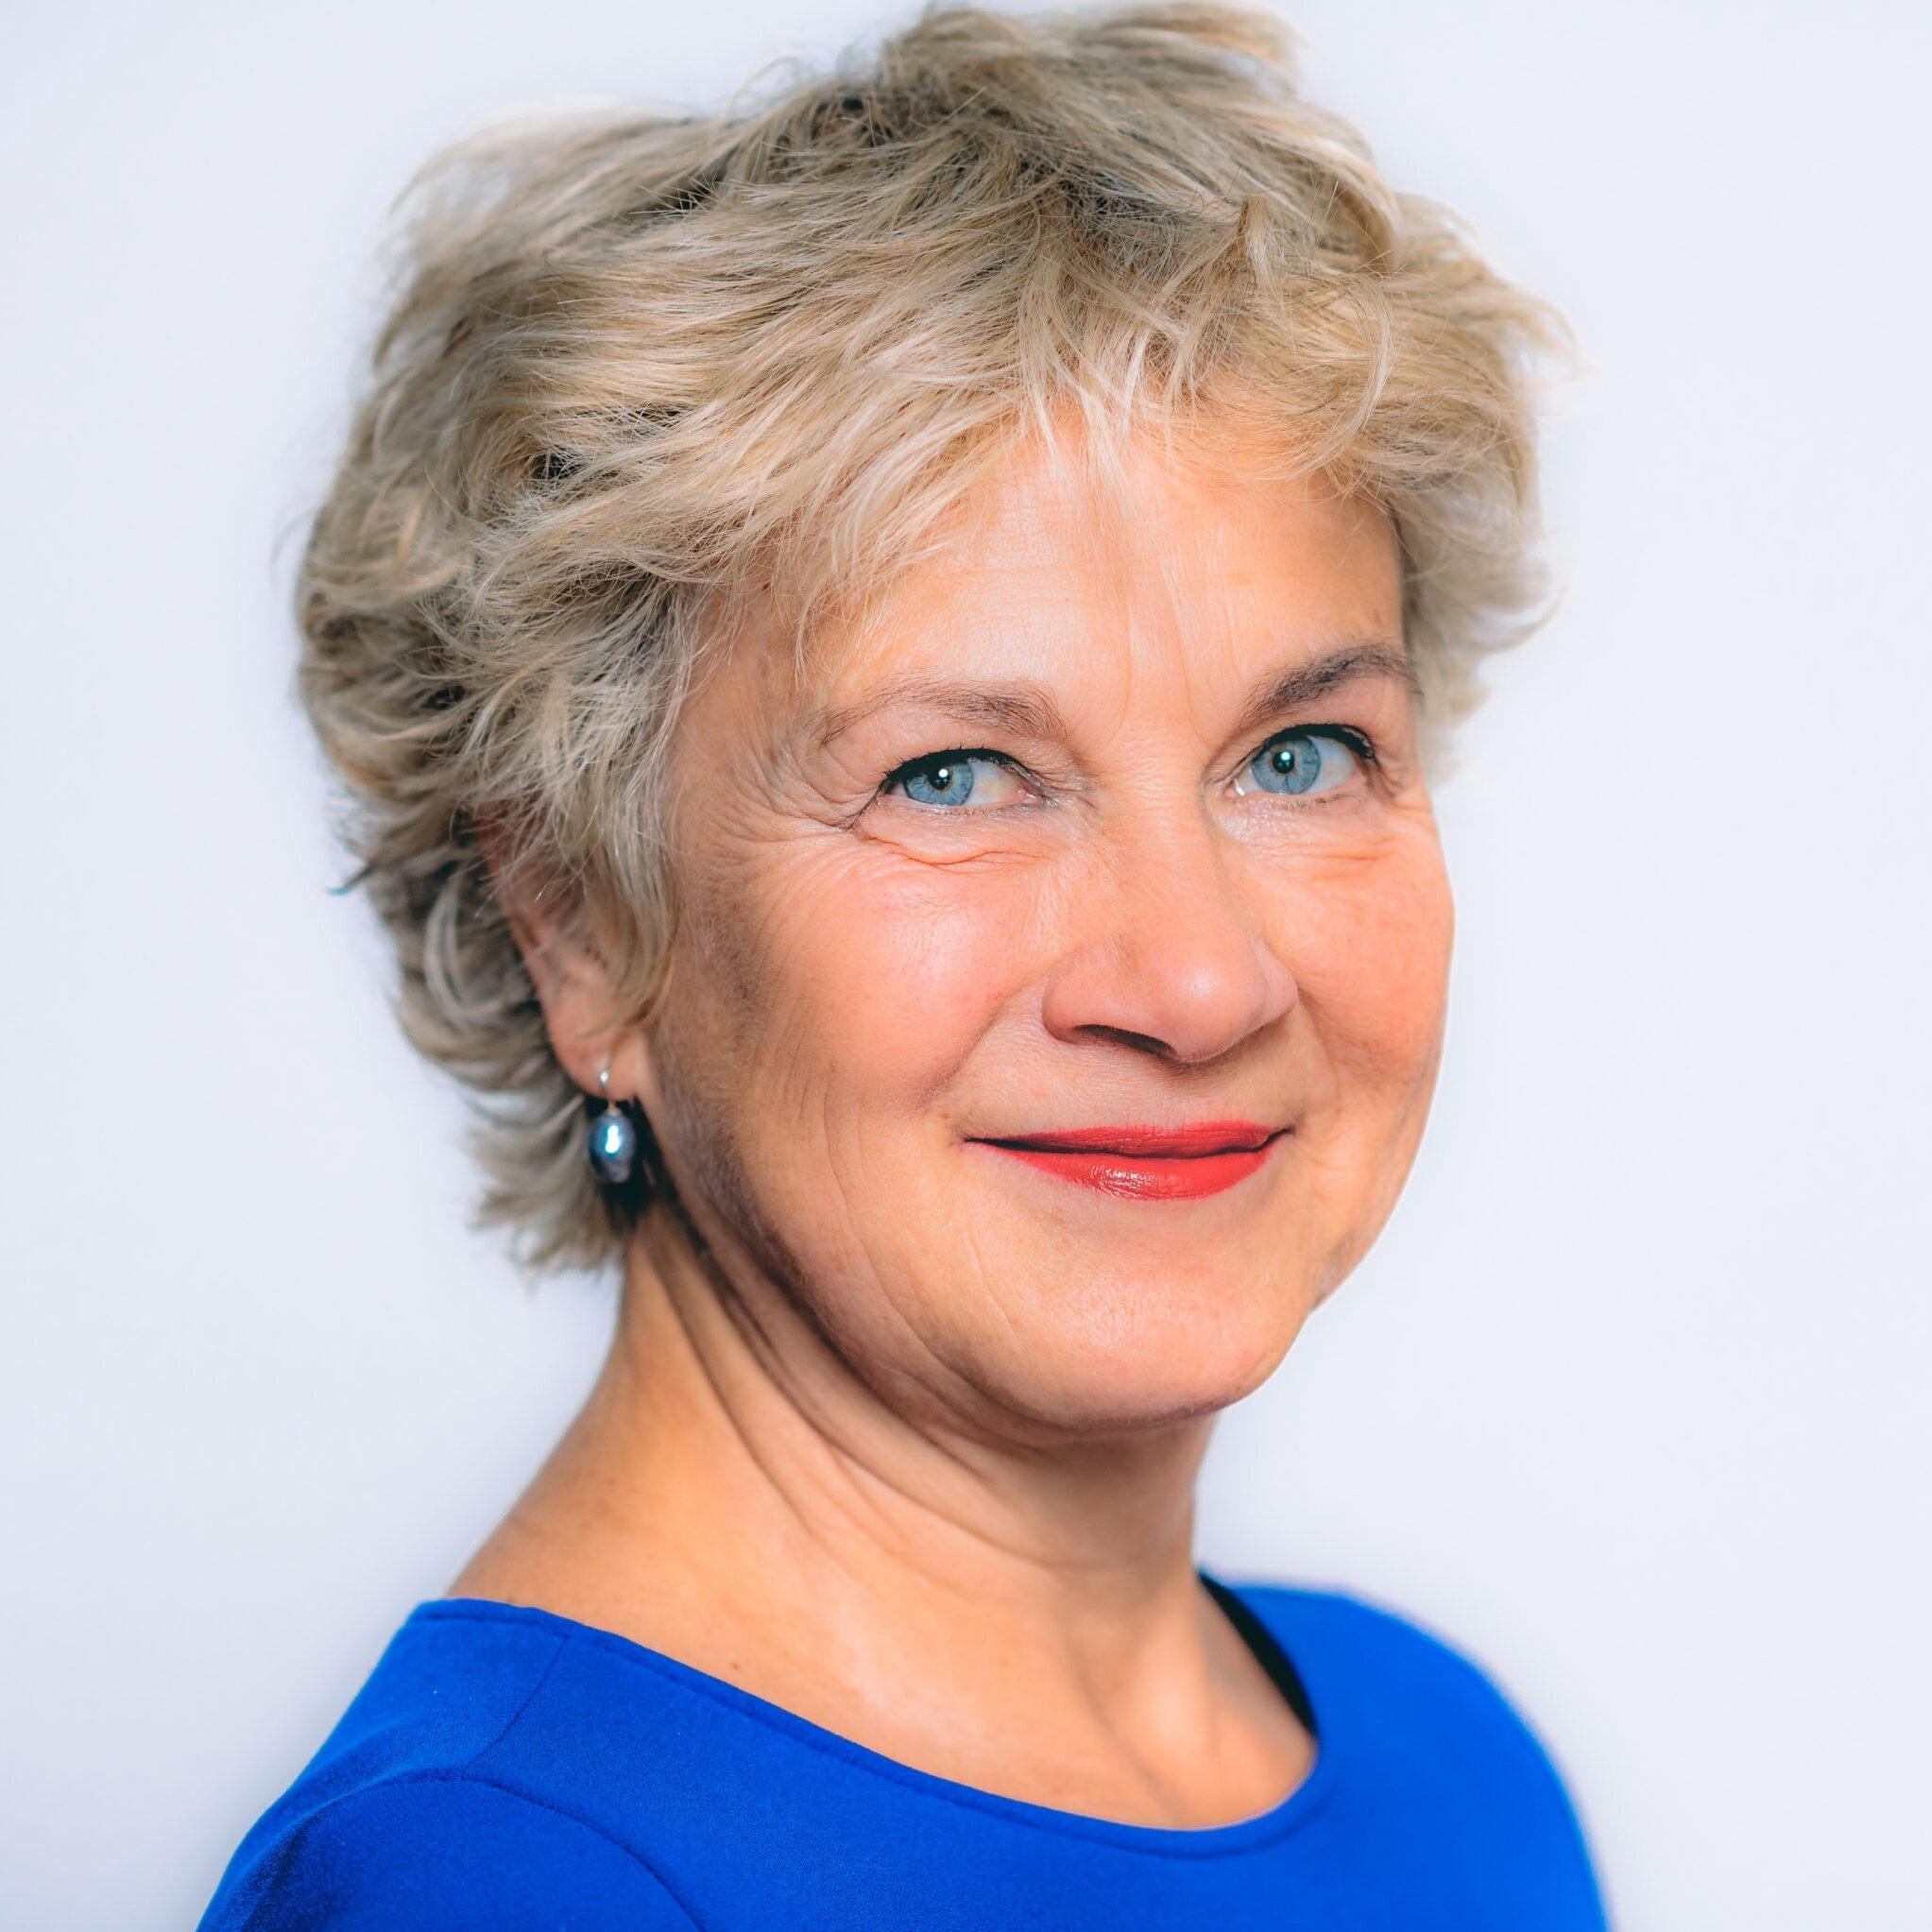 Eva Pieper